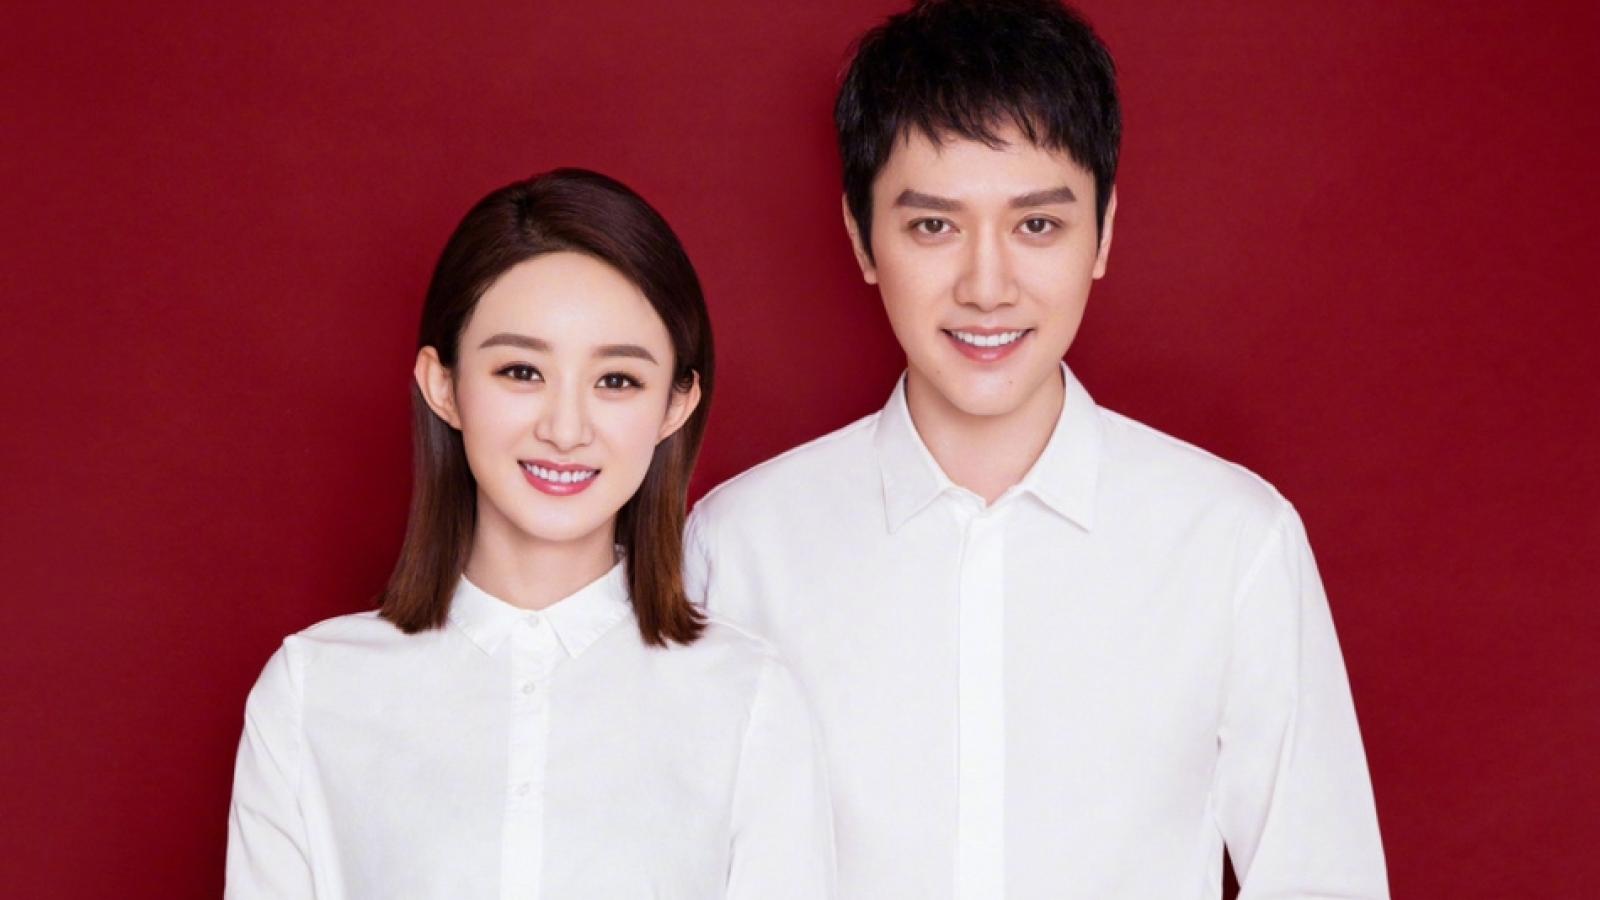 Triệu Lệ Dĩnh - Phùng Thiệu Phong chính thức ly hôn sau 3 năm chung sống